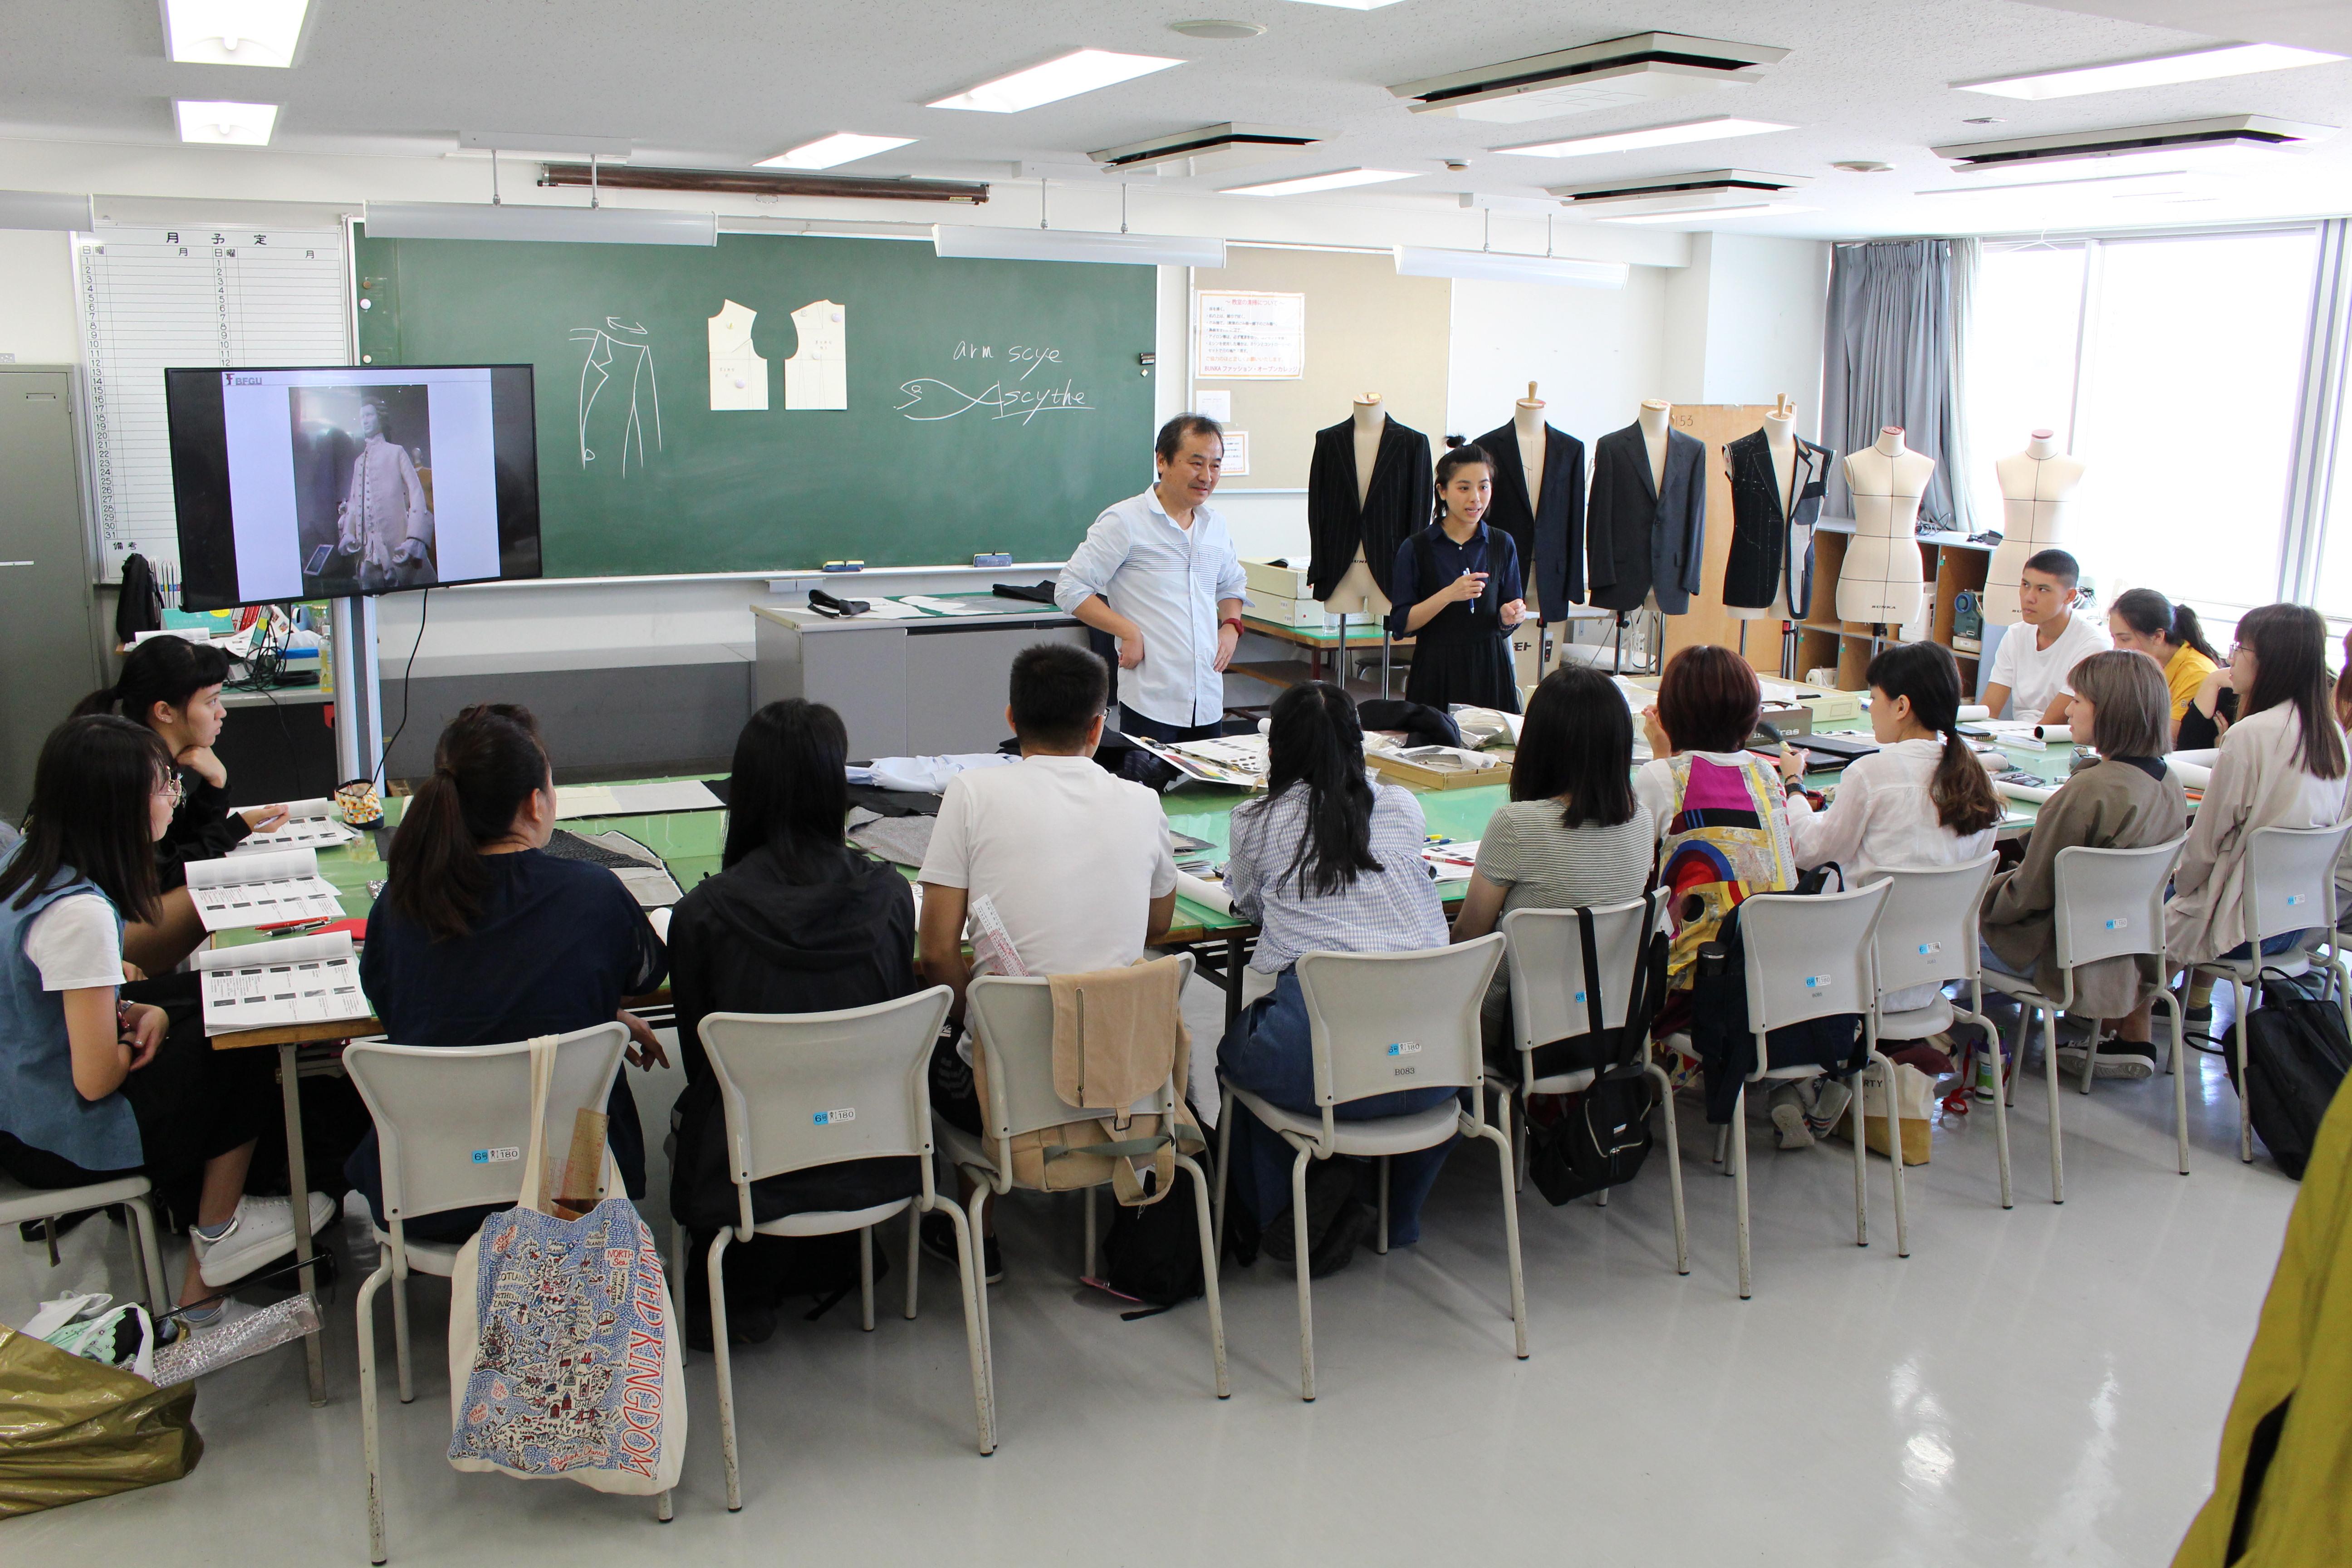 実践大学(台湾・台北)の学生を対象とした<br >短期研修を実施しました